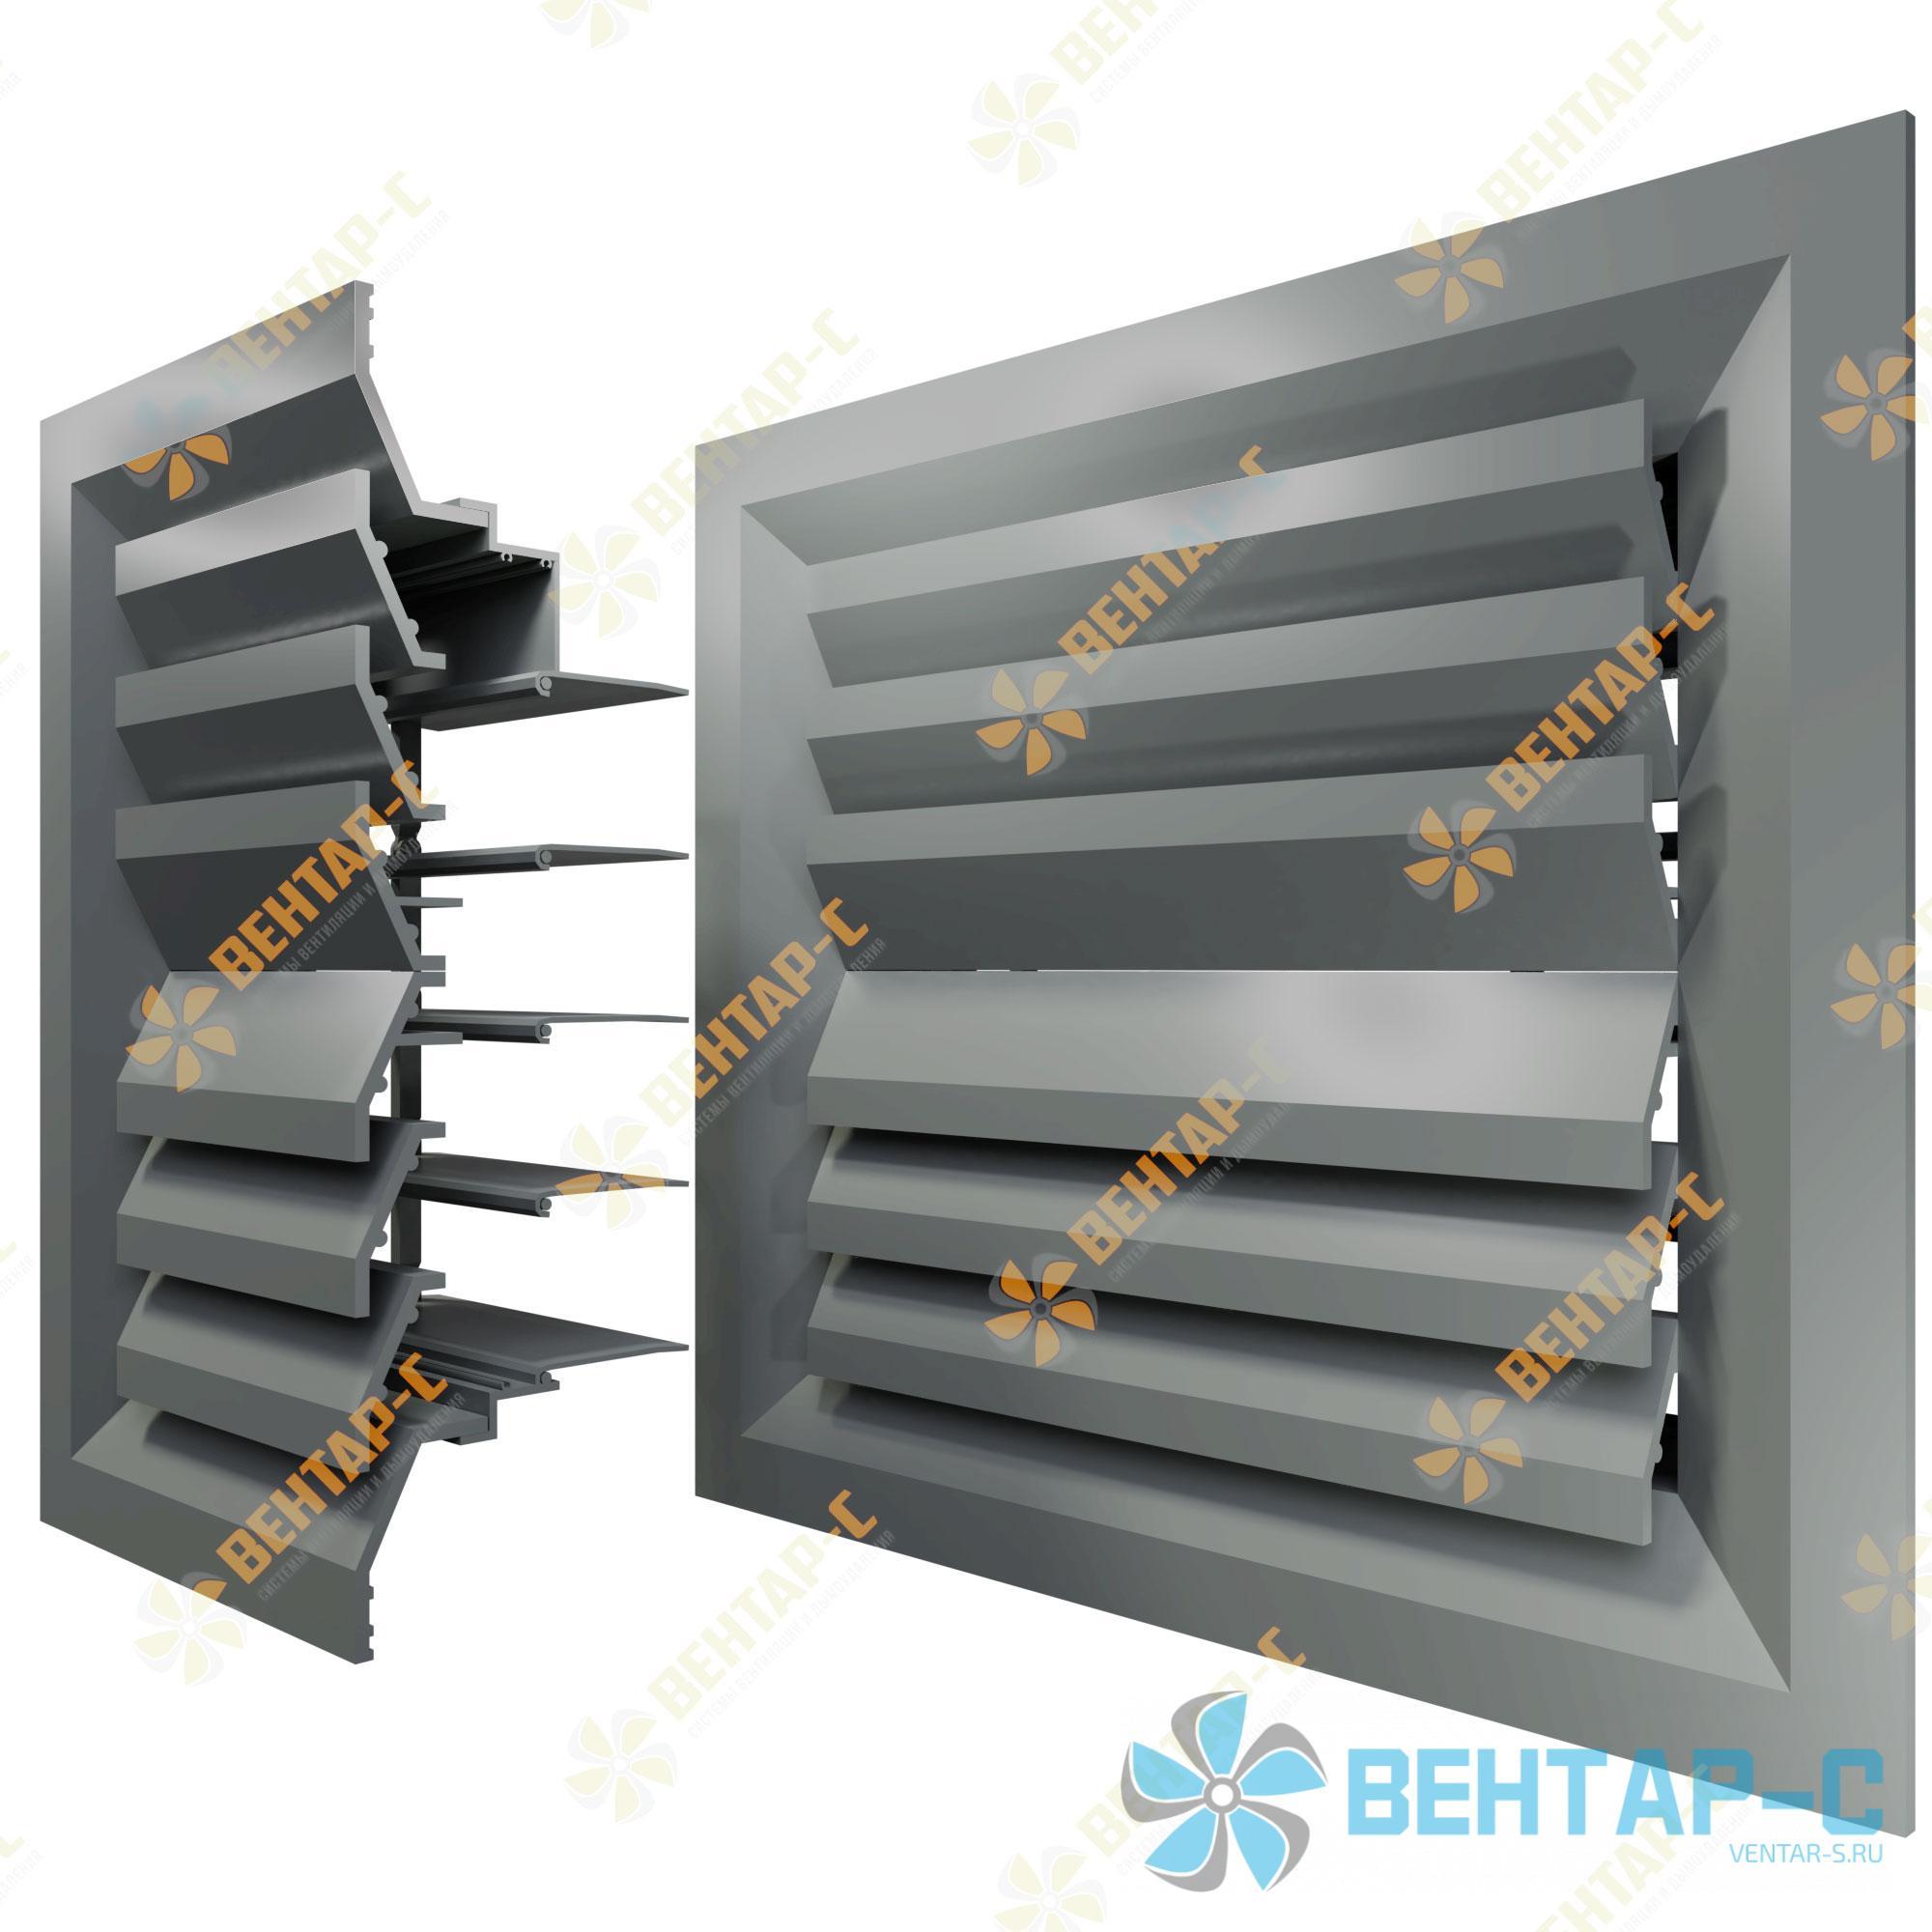 Потолочная вентиляционная решетка 2РПБ с блоком регулировки воздуха